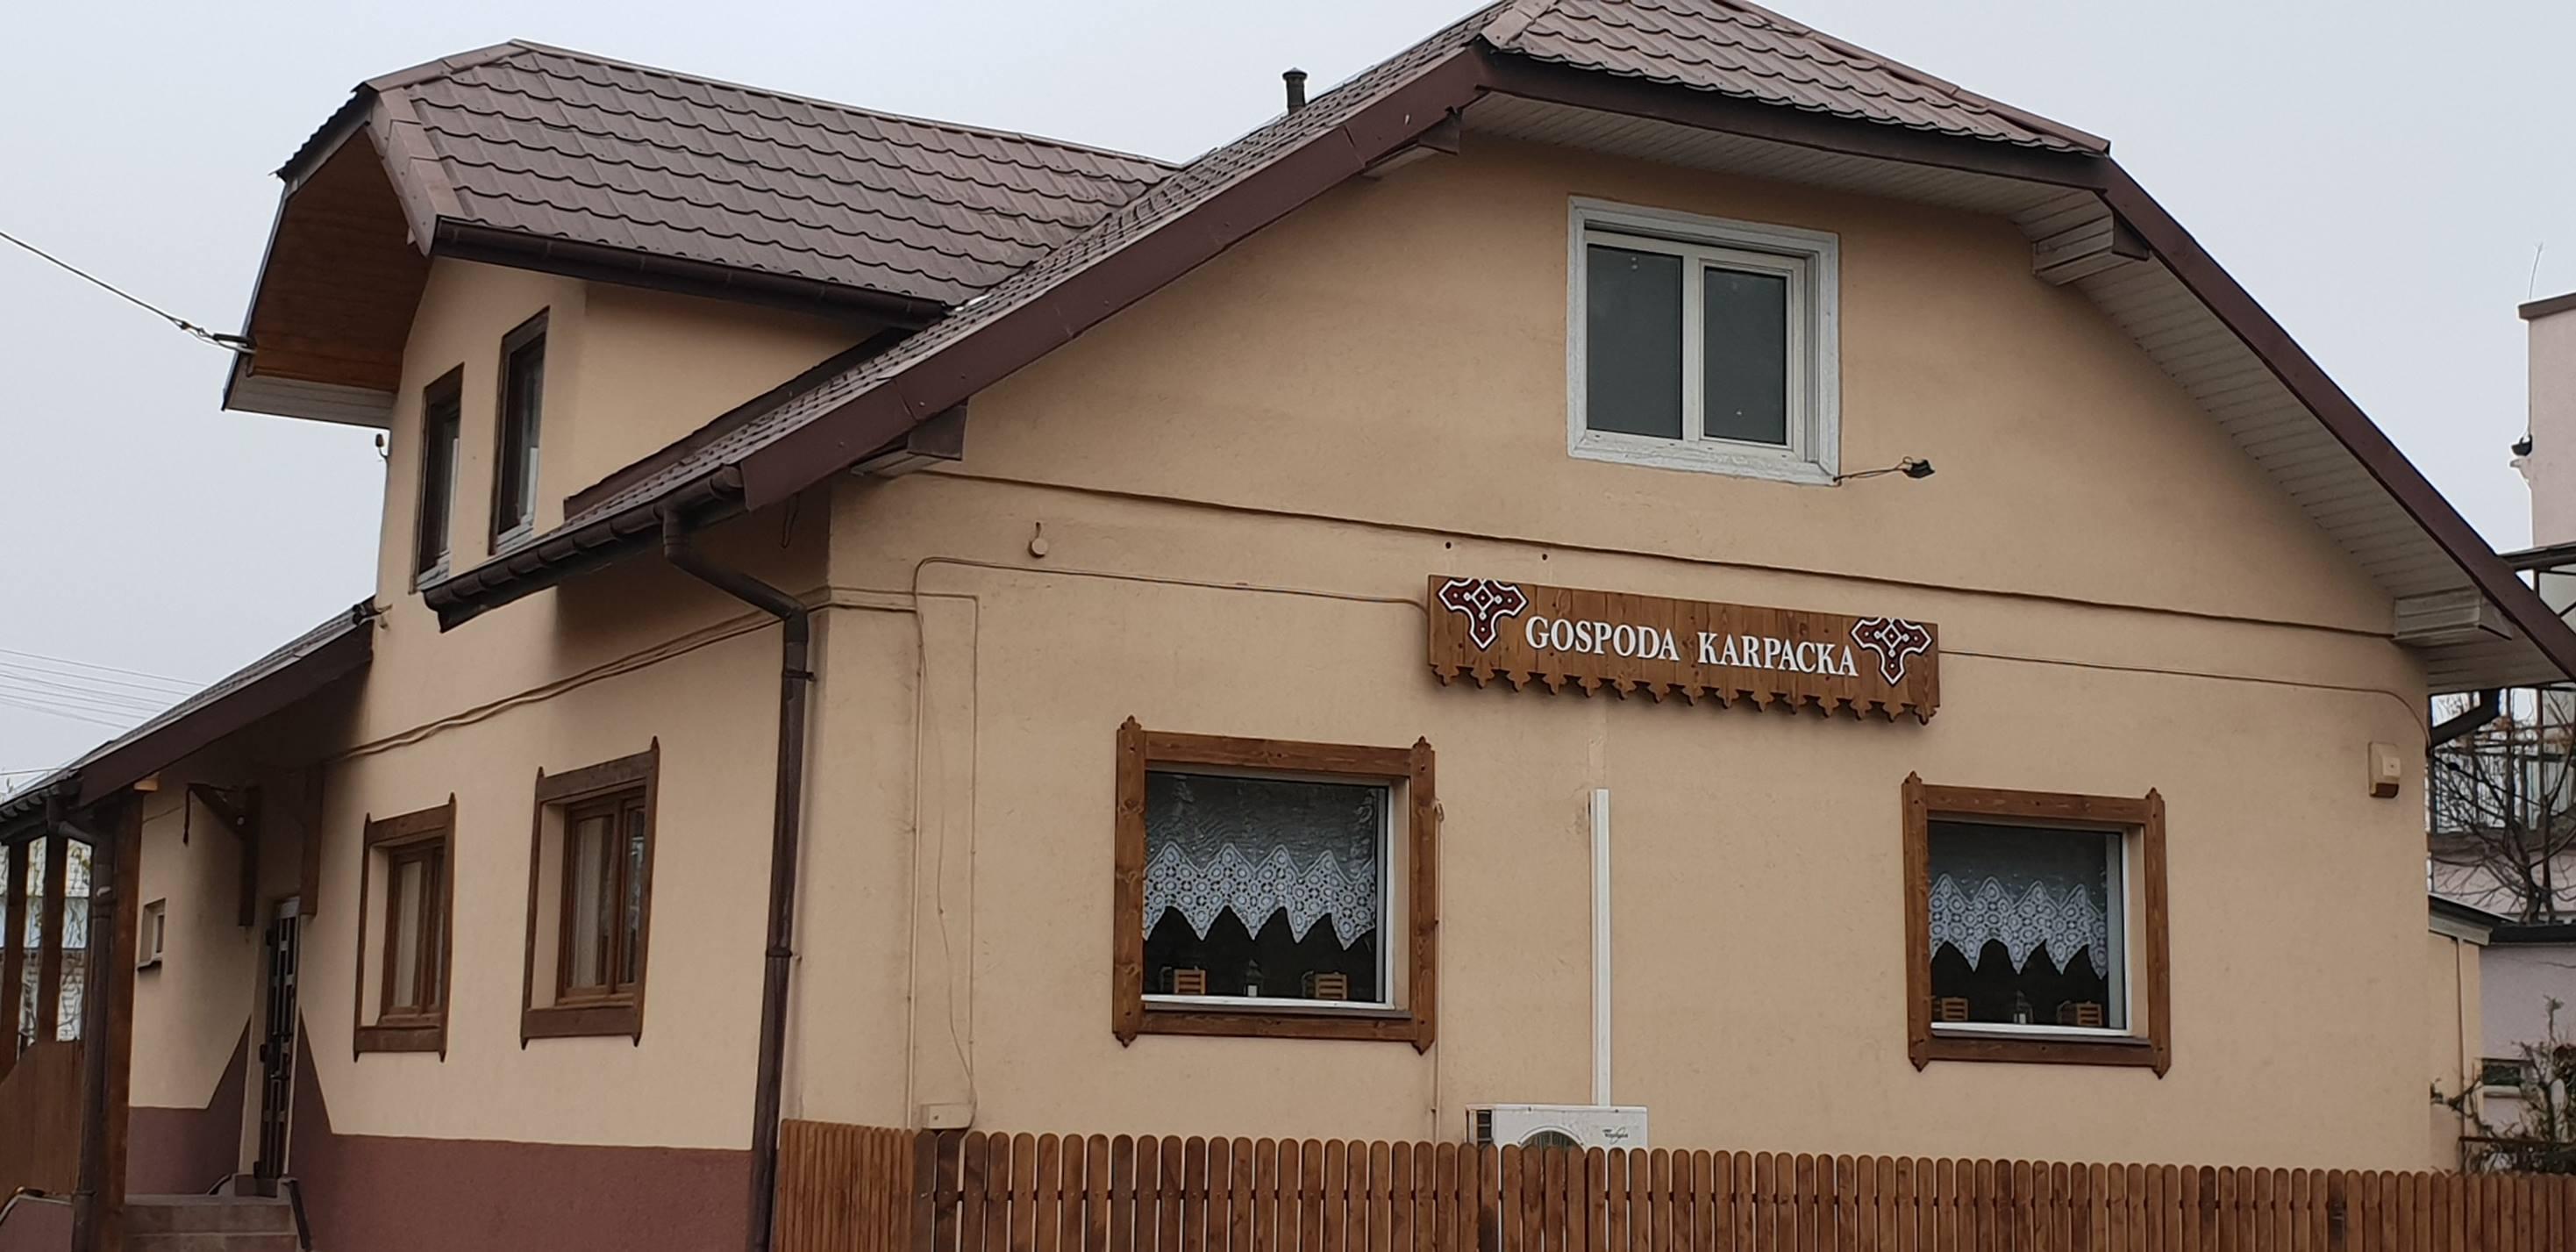 Gospoda Karpacka, 38-530 Zarszyn, ul.Bieszczadzka 21 (podkarpackie)